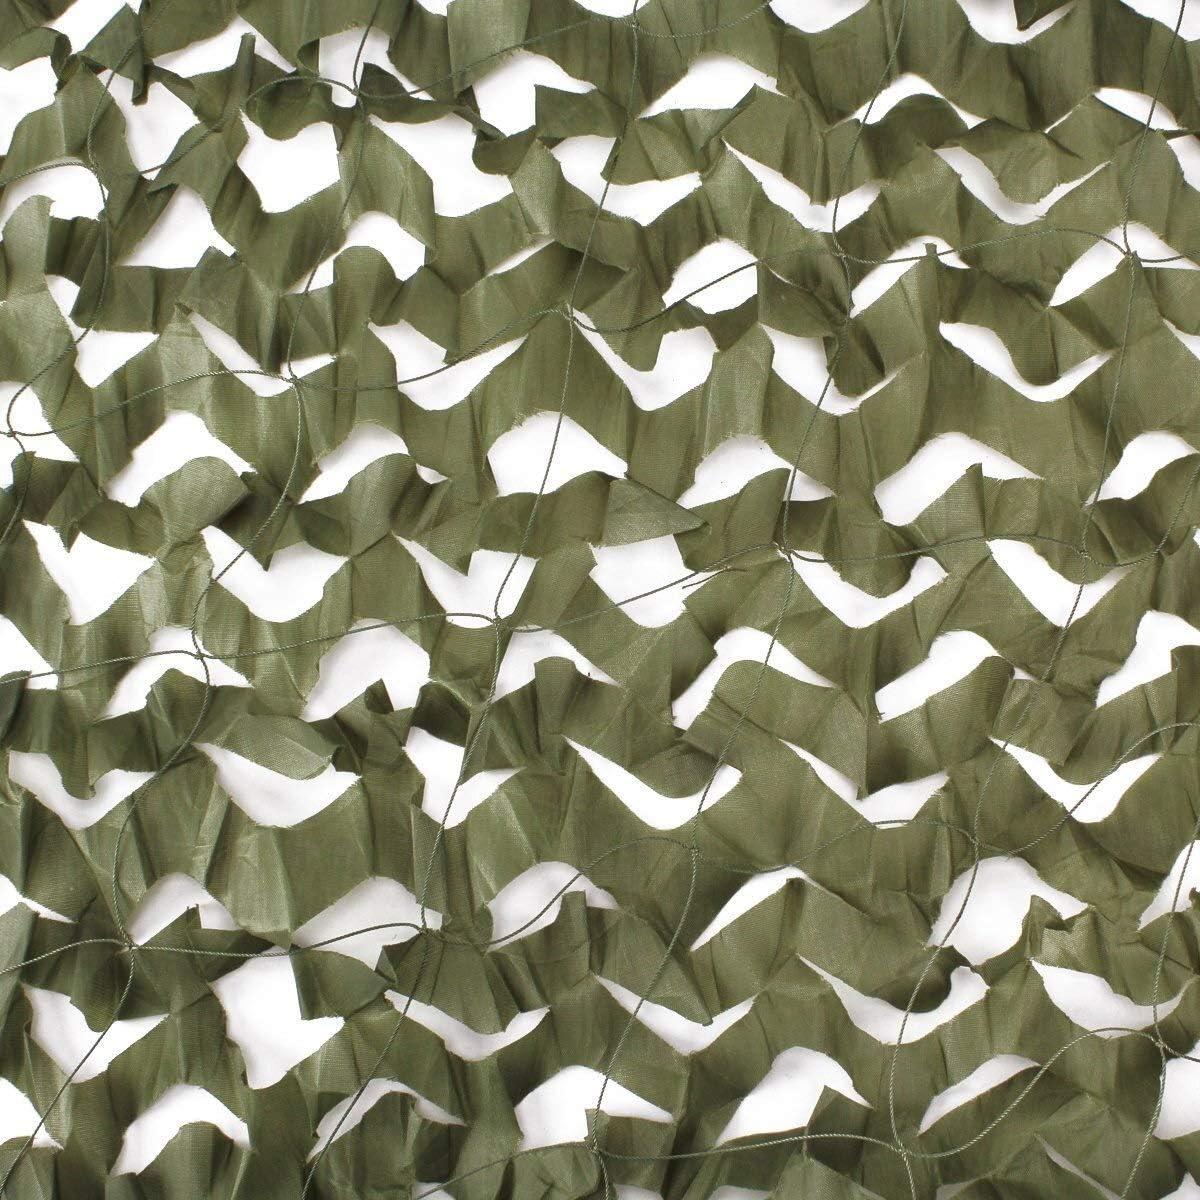 Camuflaje Sombrilla Protección Neta Balcón Al Aire Libre Toldo ...